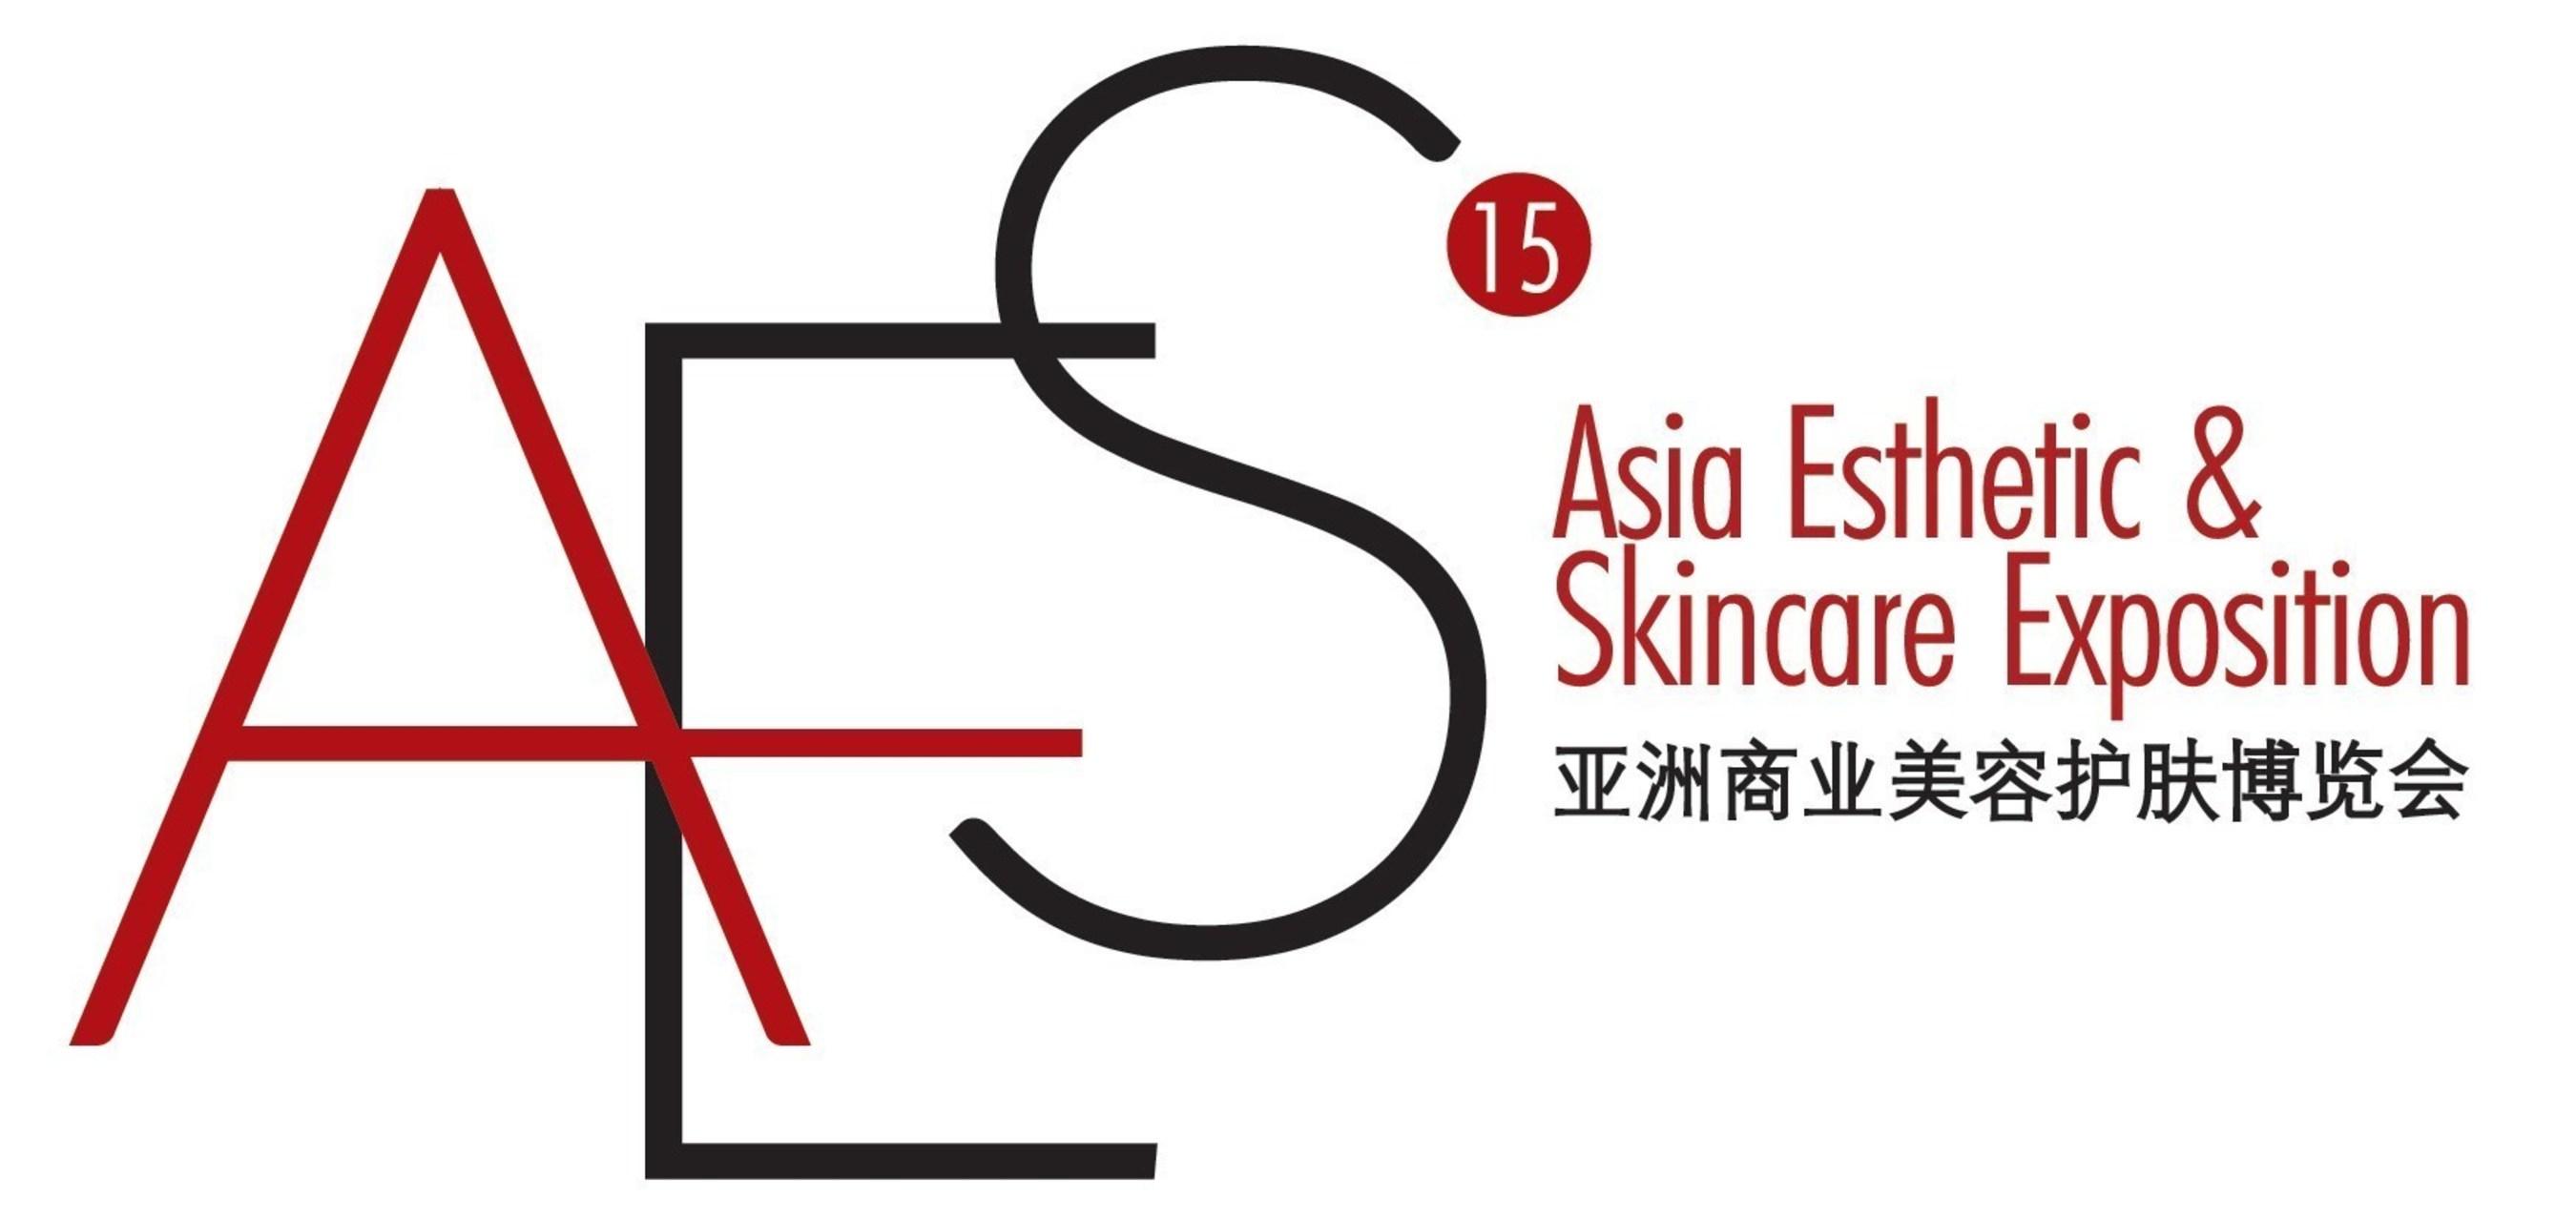 AES Expo 2015 Logo